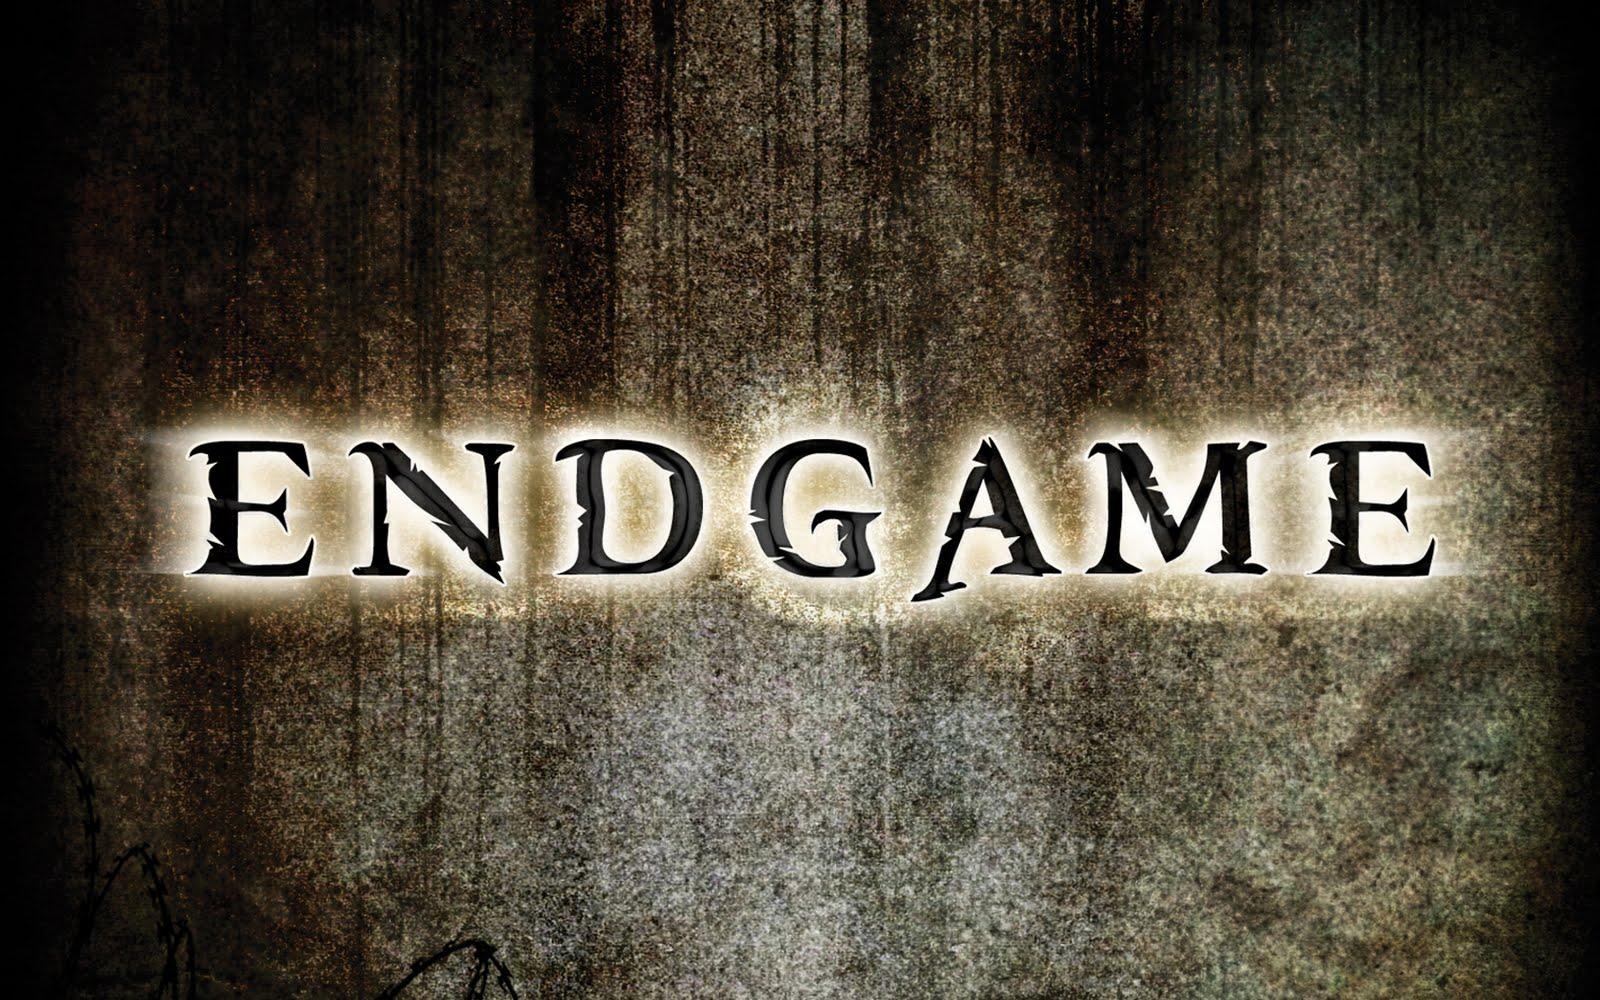 megadeth_endgame_1680x1050.jpg